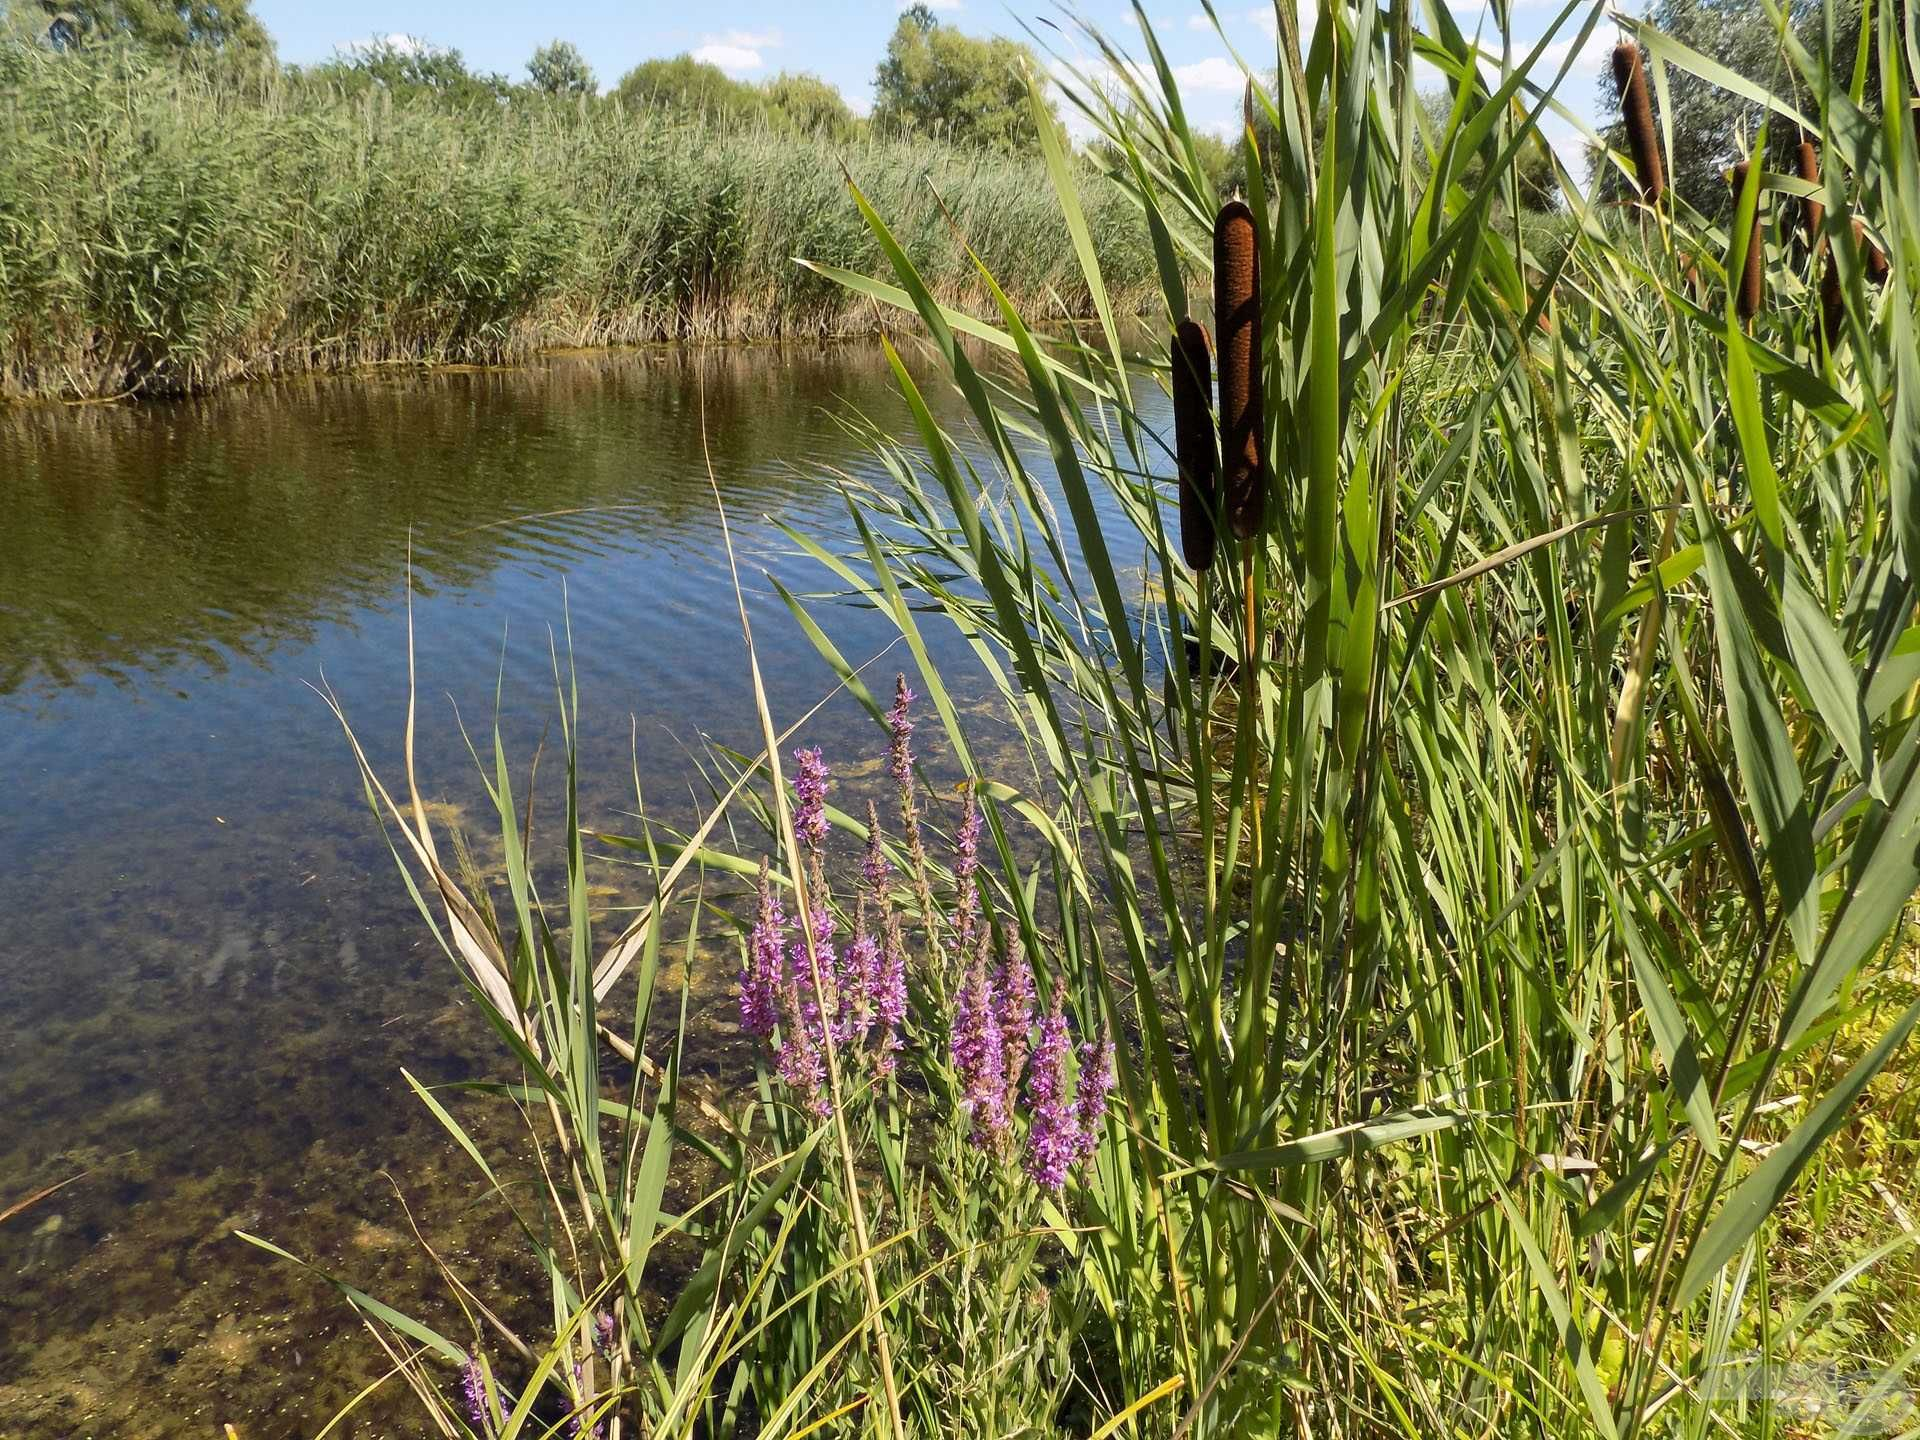 A tó mögött elhelyezkedő kanális biztosítja az ideális vízszintet egész évben, és nem utolsósorban halnevelőként is funkcionál